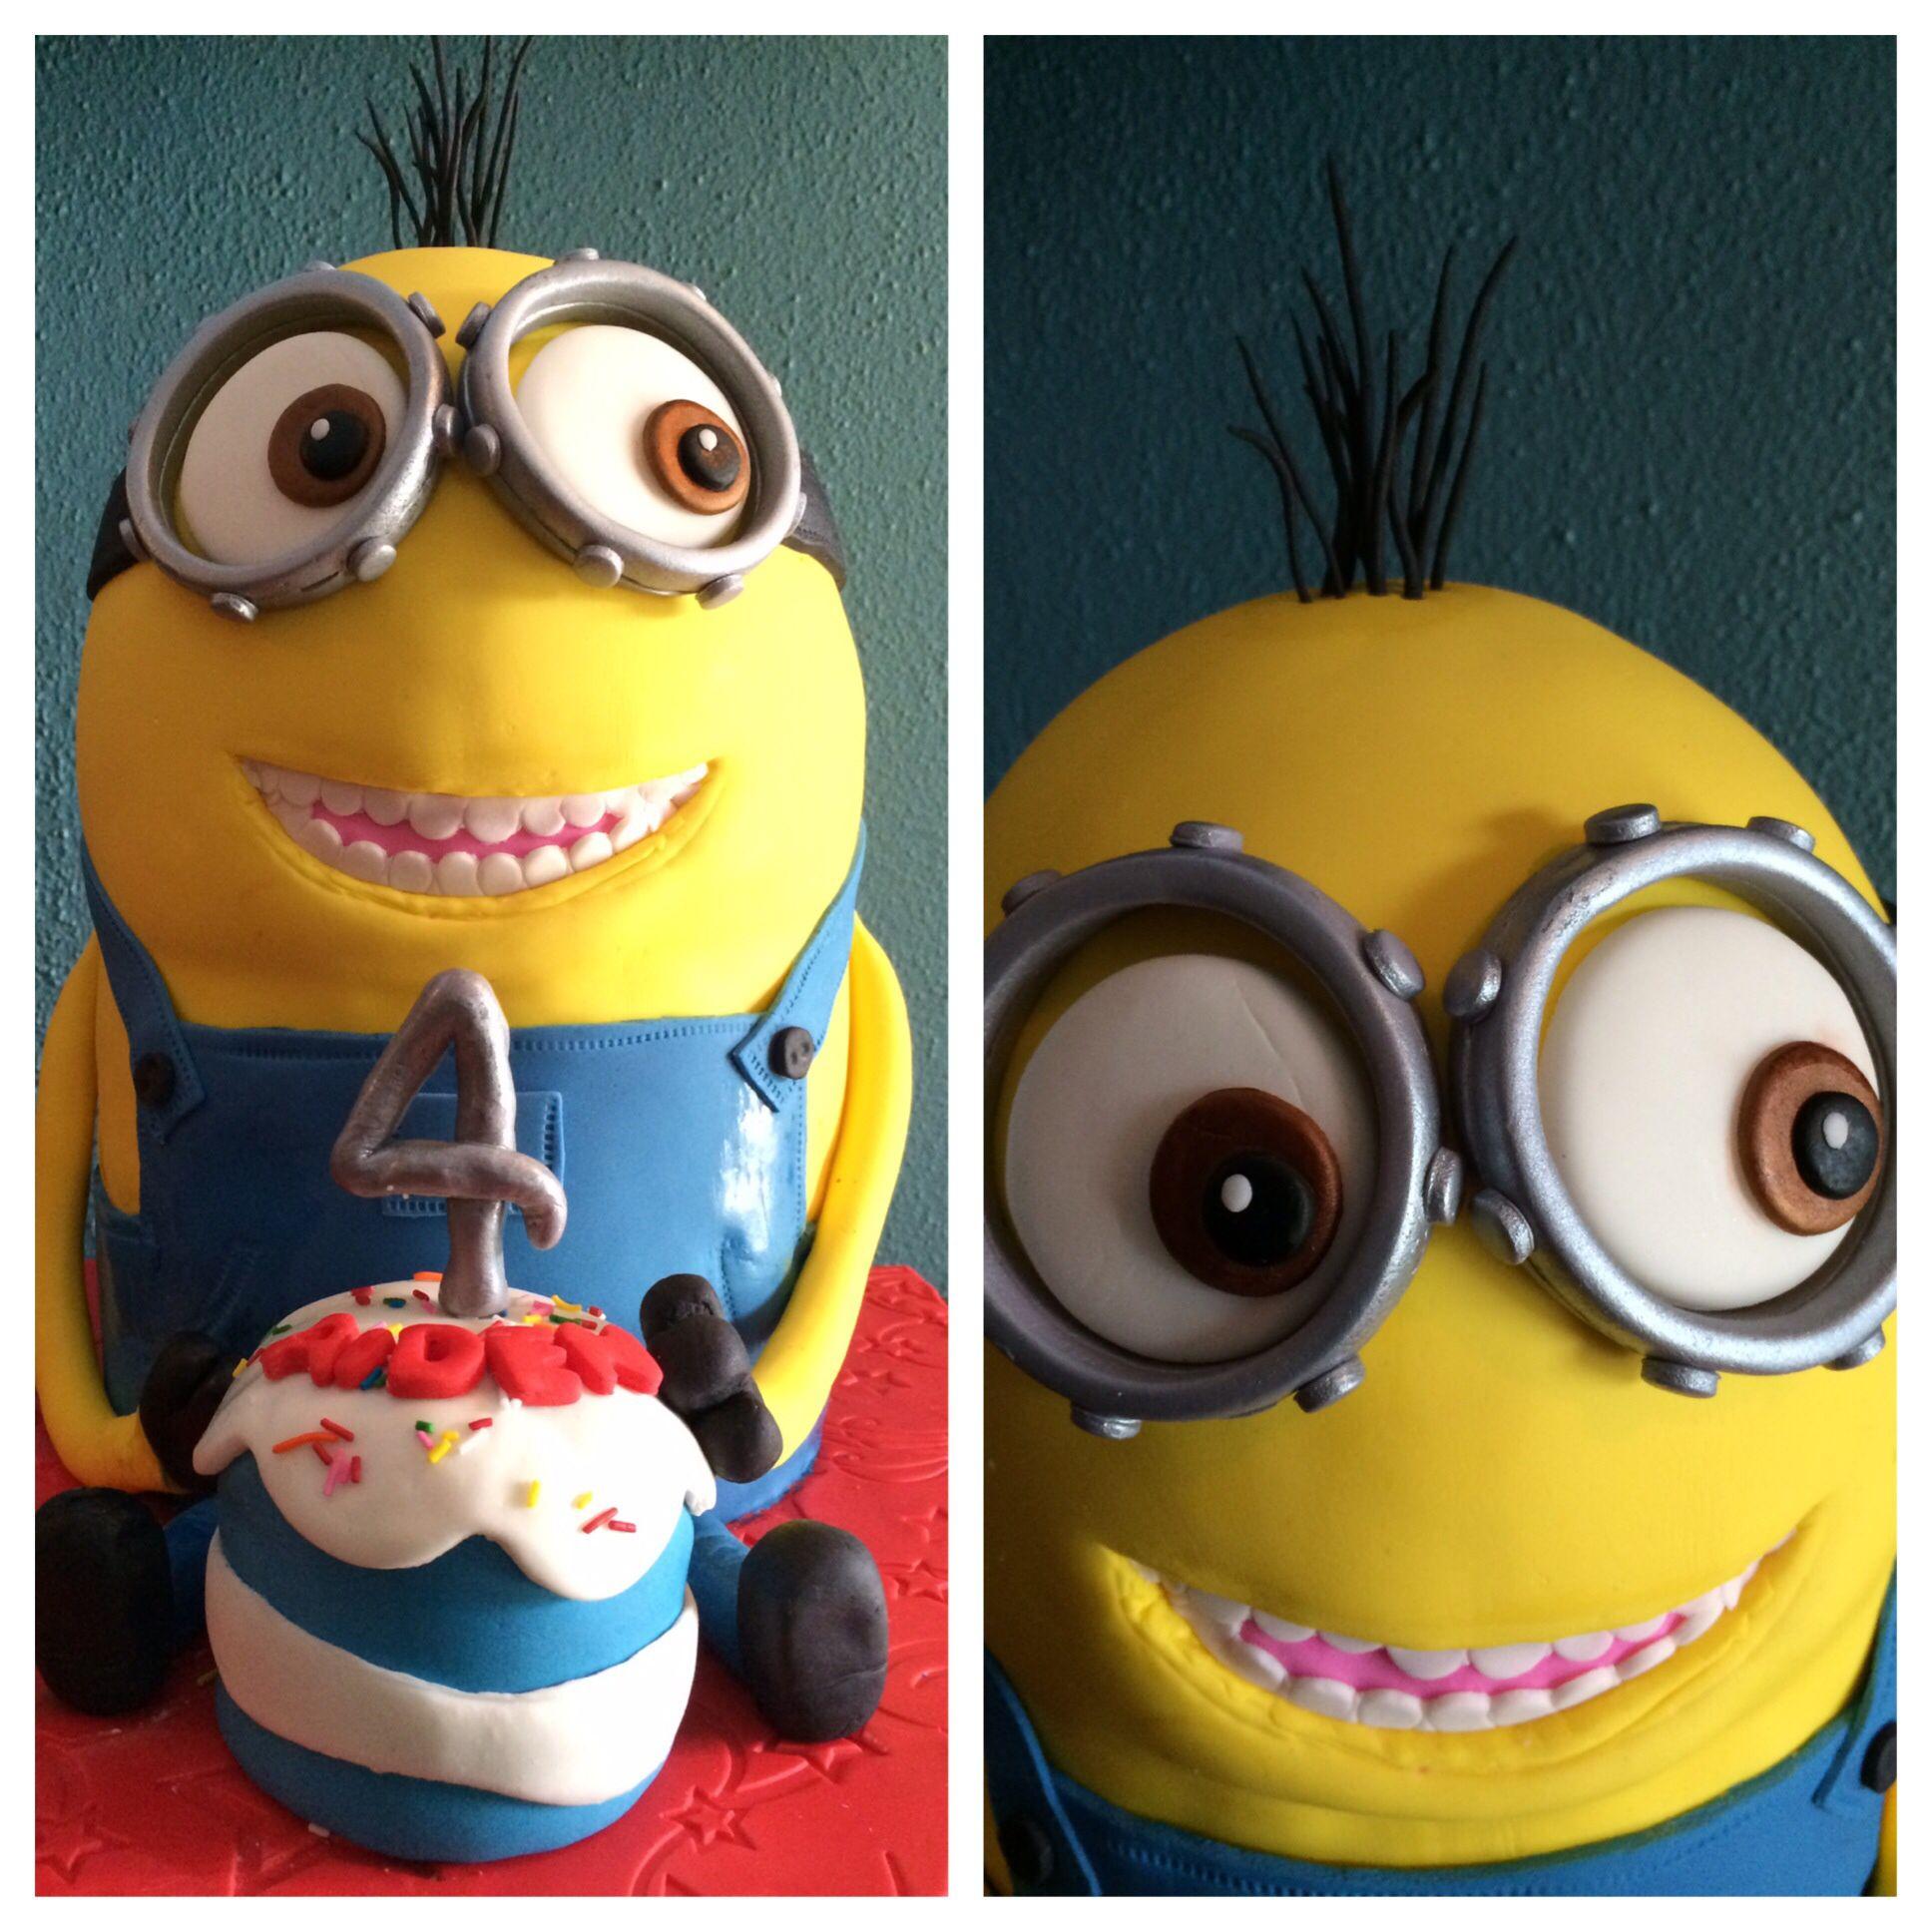 Kevin the minion birthday cake Cakes Pinterest Birthday cakes